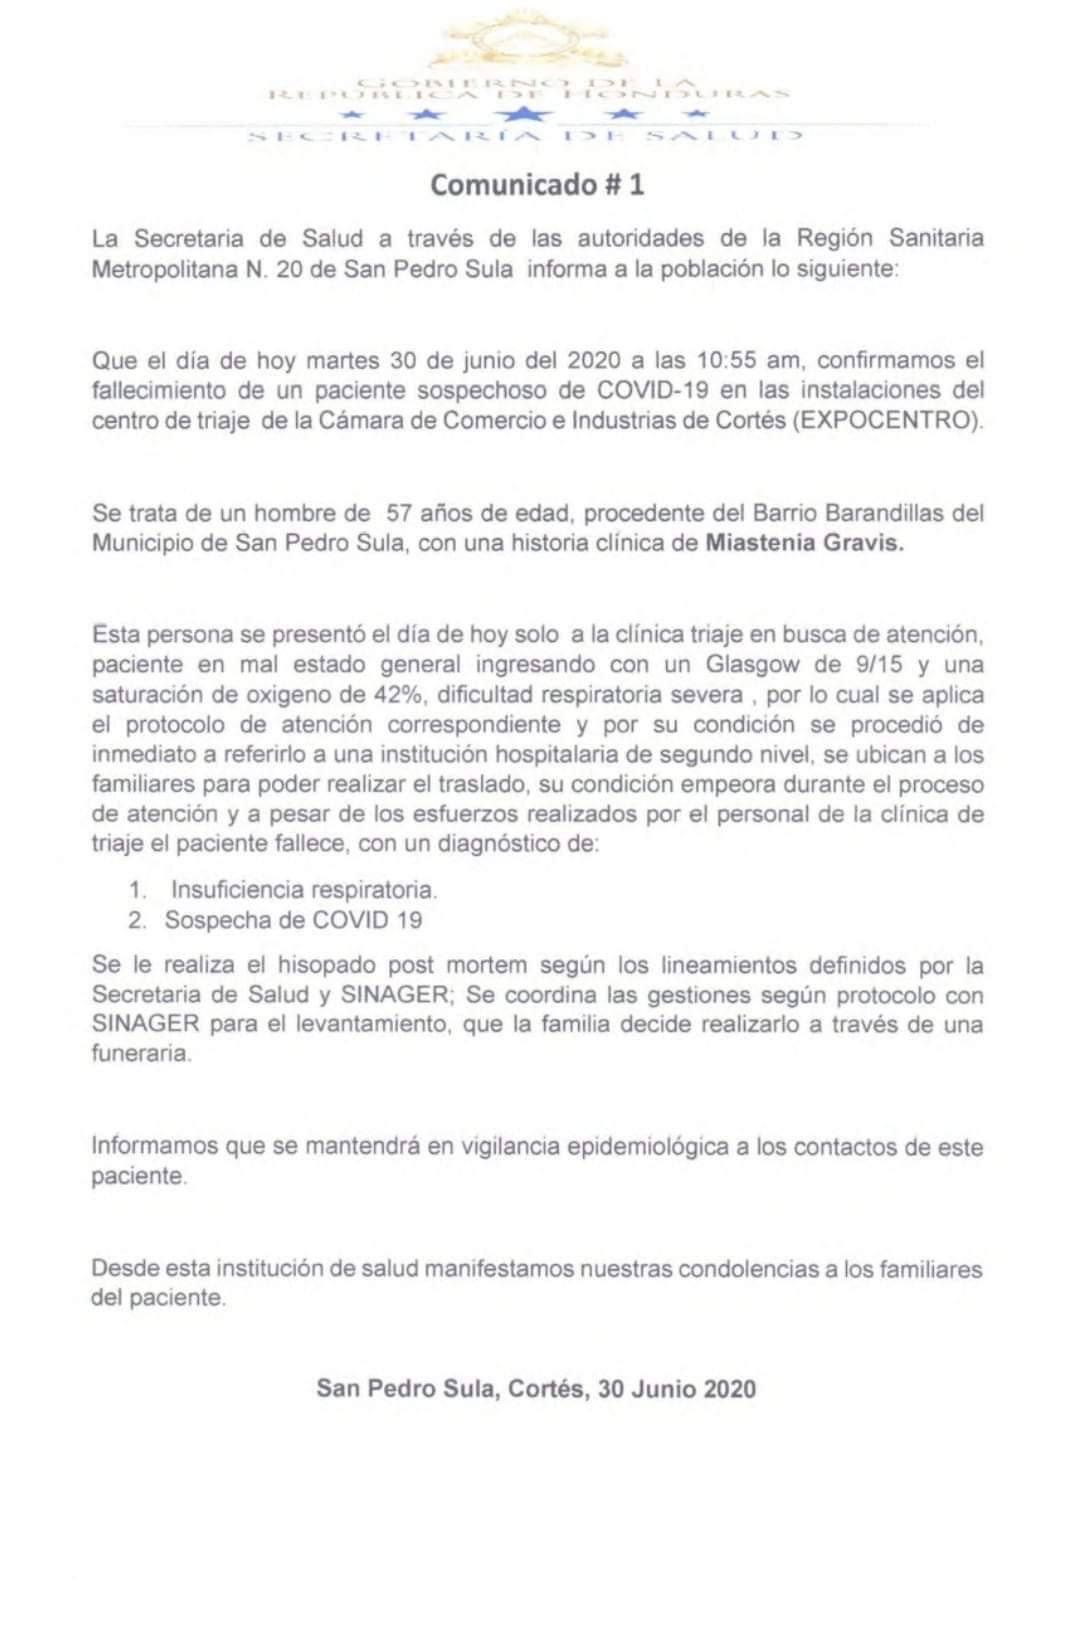 Comunicado emitido por la Región Metropolitana de Salud de San Pedro Sula.